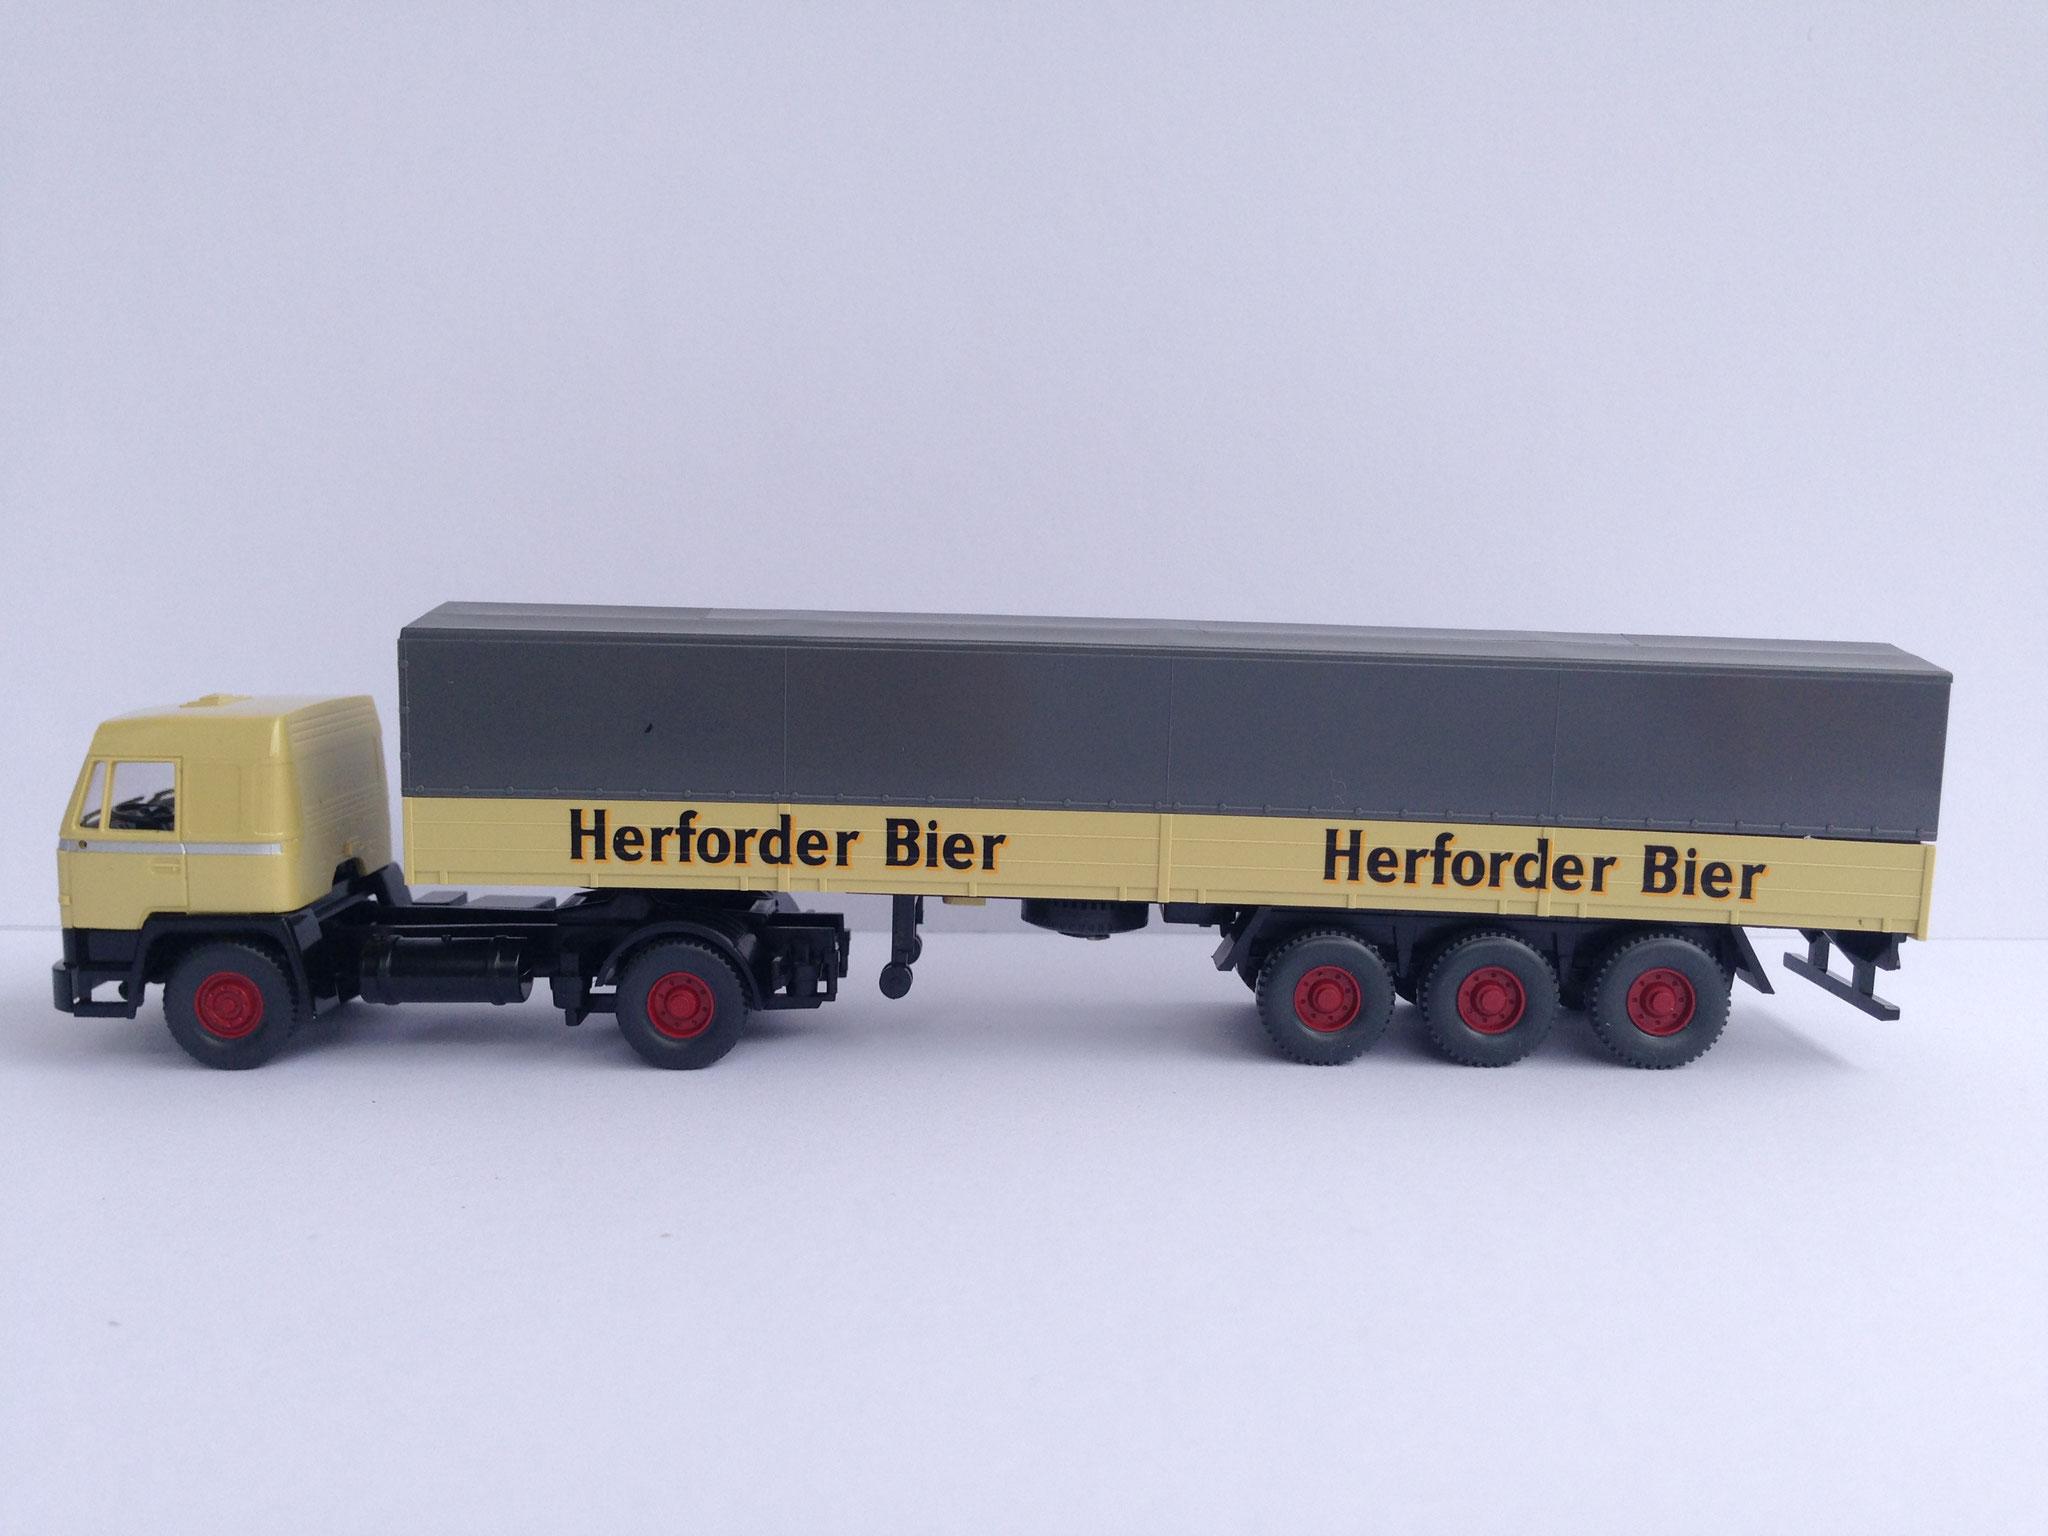 Herforder Bier Sattelzug mit 3-Achs-Auflieger, Pritsche/Plane, Art. Nr. 849 40 39 (ab 2005 im Programm)